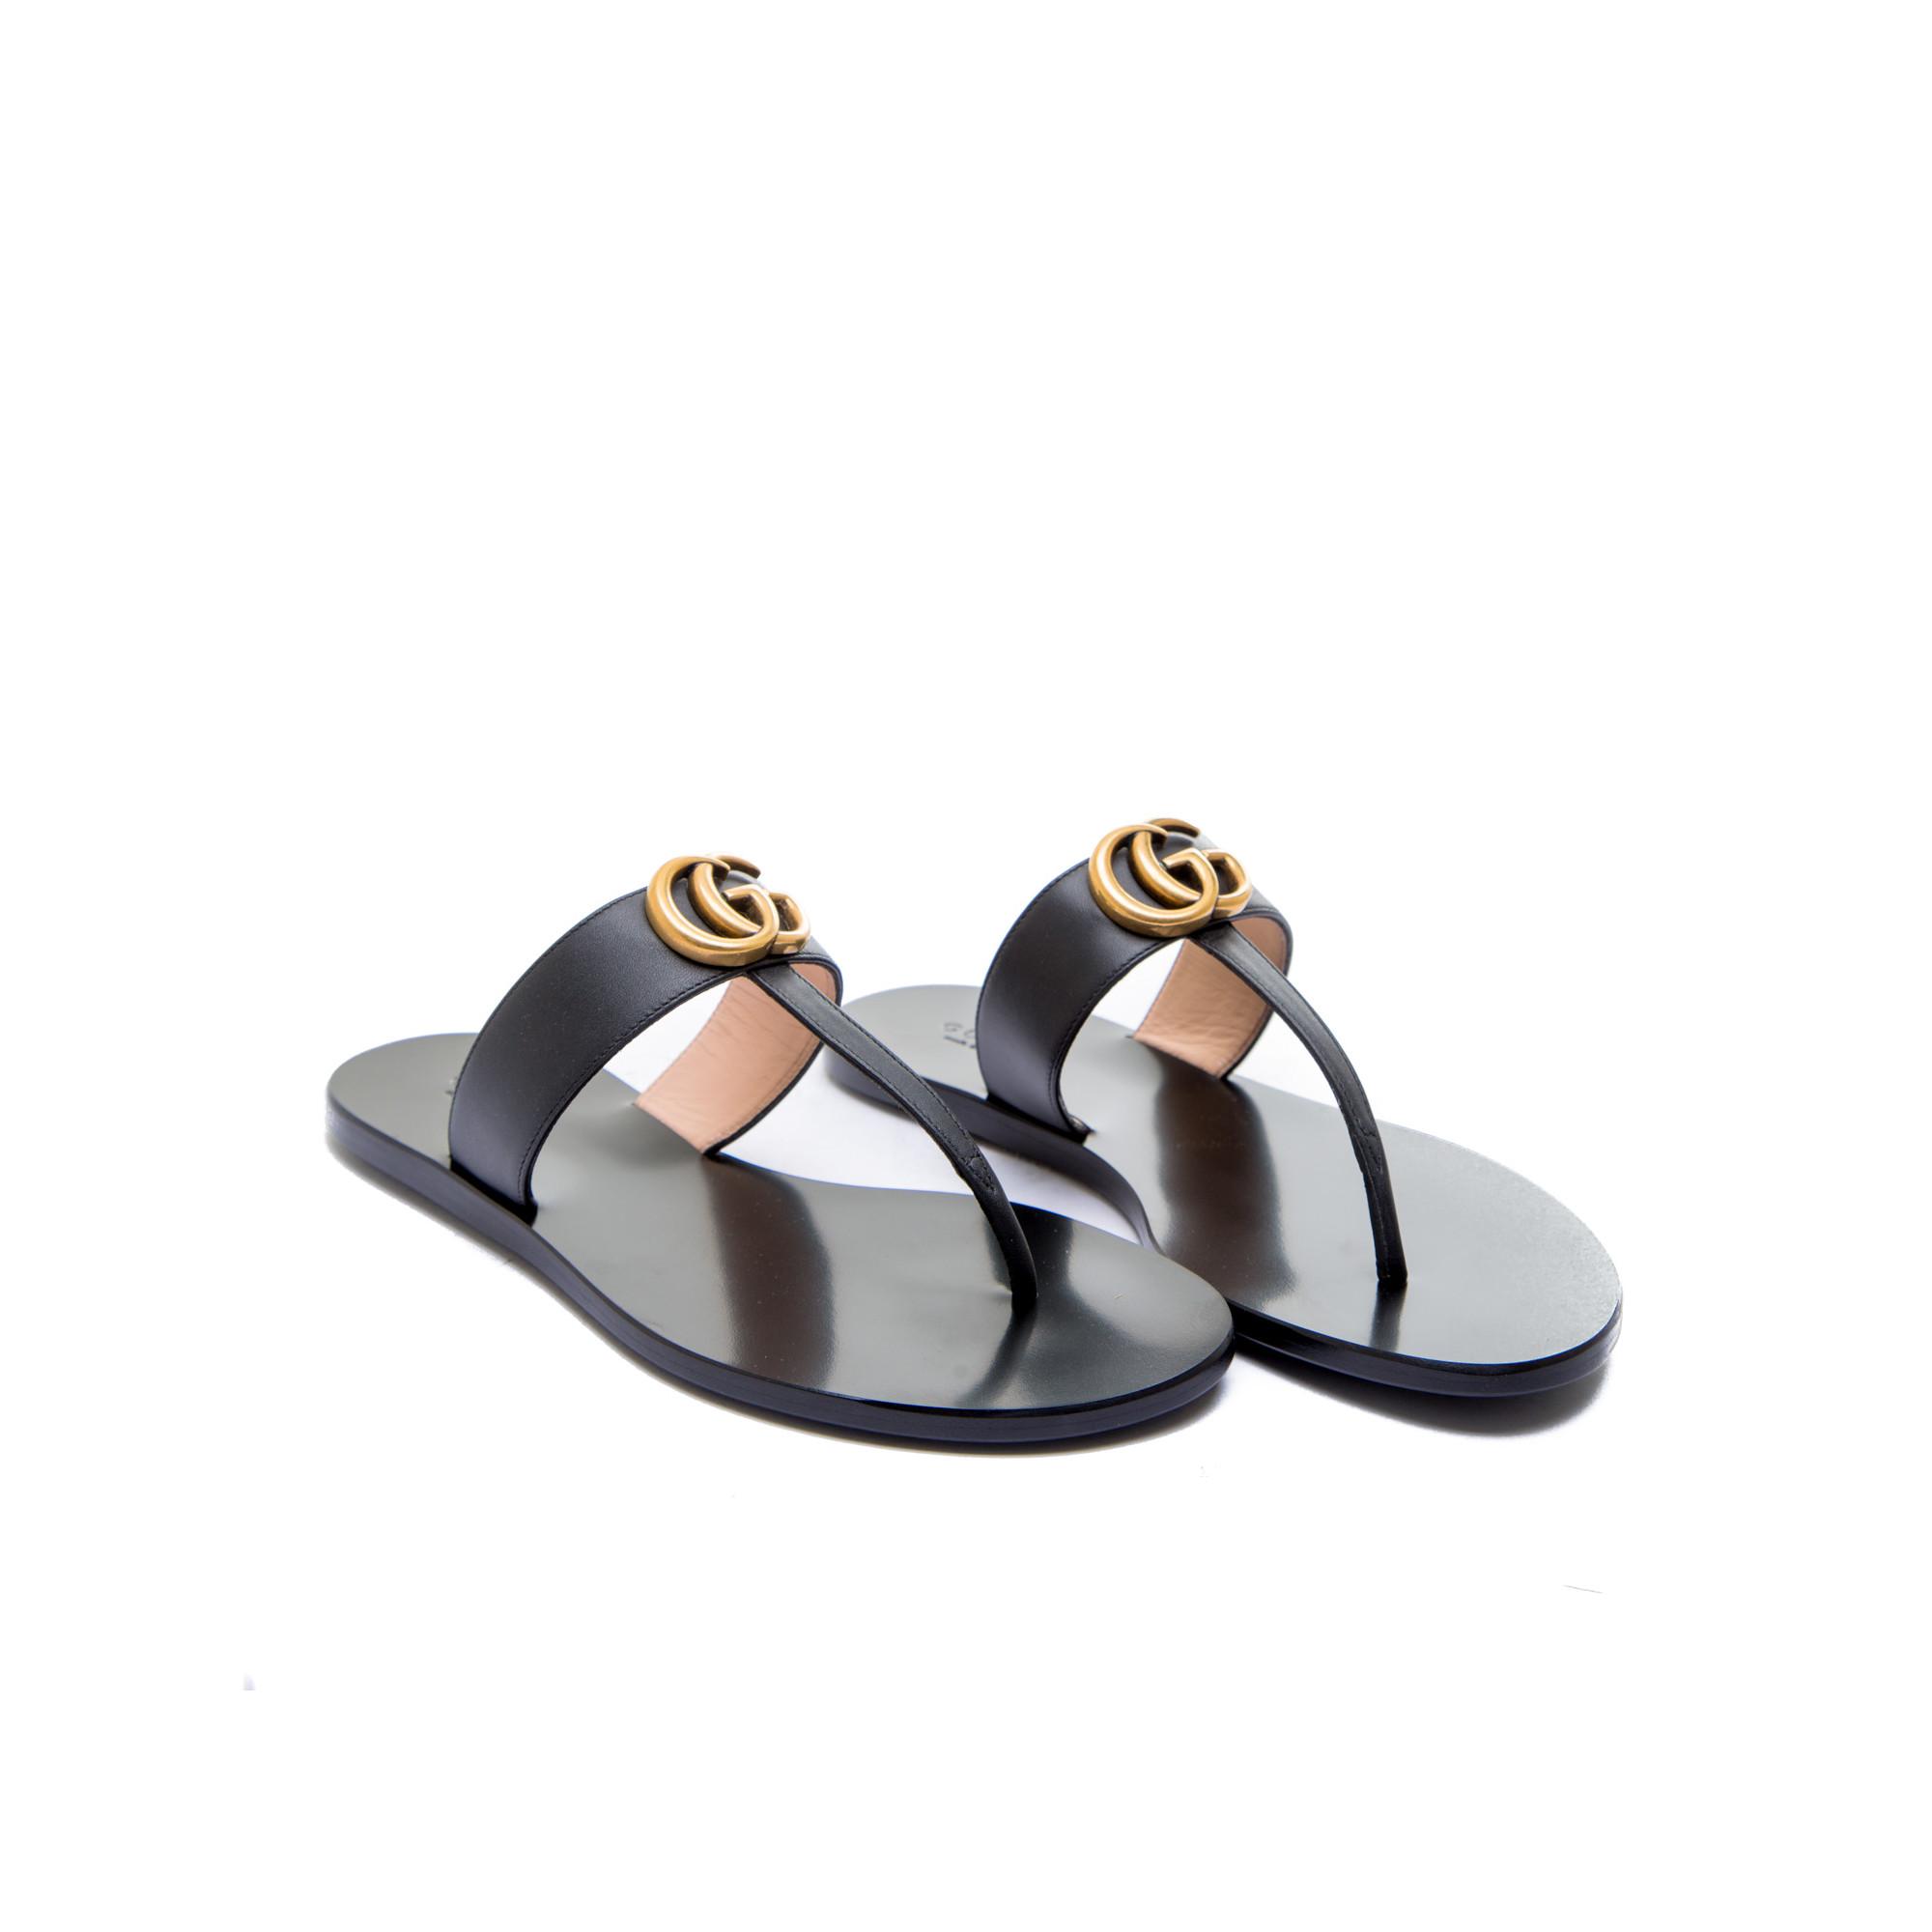 b04ecb4638b ... Gucci sandals lifford black Gucci sandals lifford black -  www.derodeloper.com - Derodeloper ...